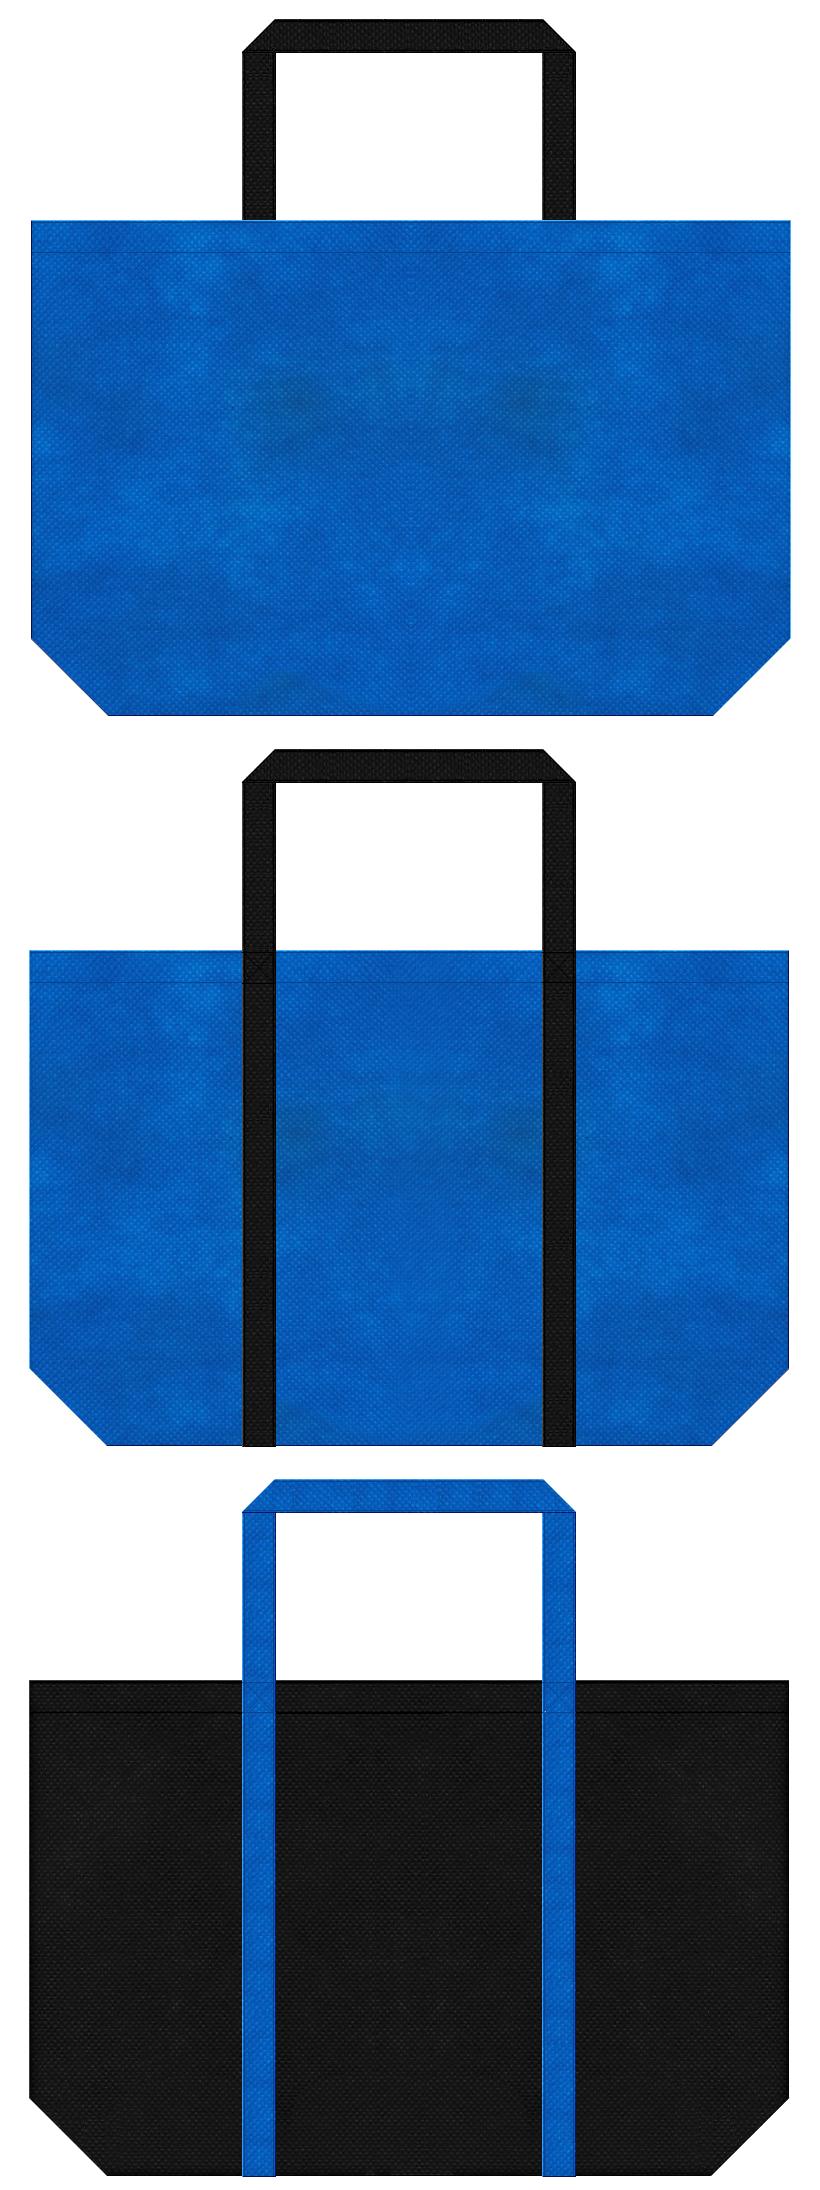 不織布トートバッグ 舟底タイプ 不織布カラーNo.22スカイブルーとNo.9ブラックの組み合わせ